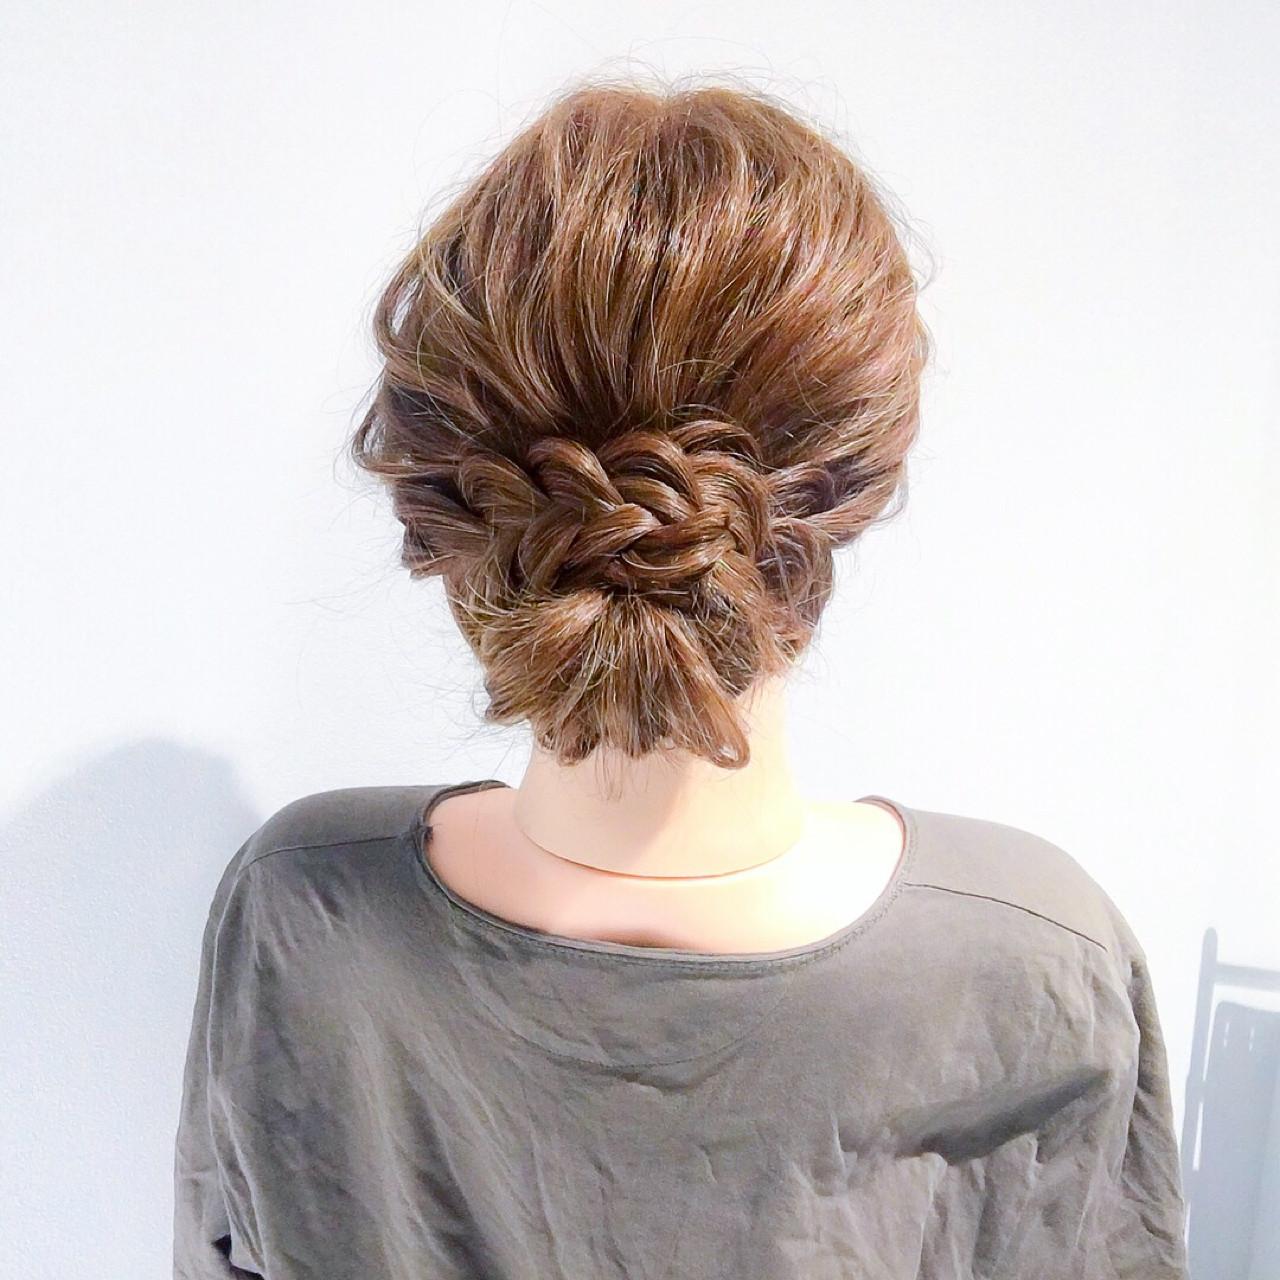 ヘアアレンジ フェミニン 簡単ヘアアレンジ ロング ヘアスタイルや髪型の写真・画像 | 美容師HIRO/Amoute代表 / Amoute/アムティ